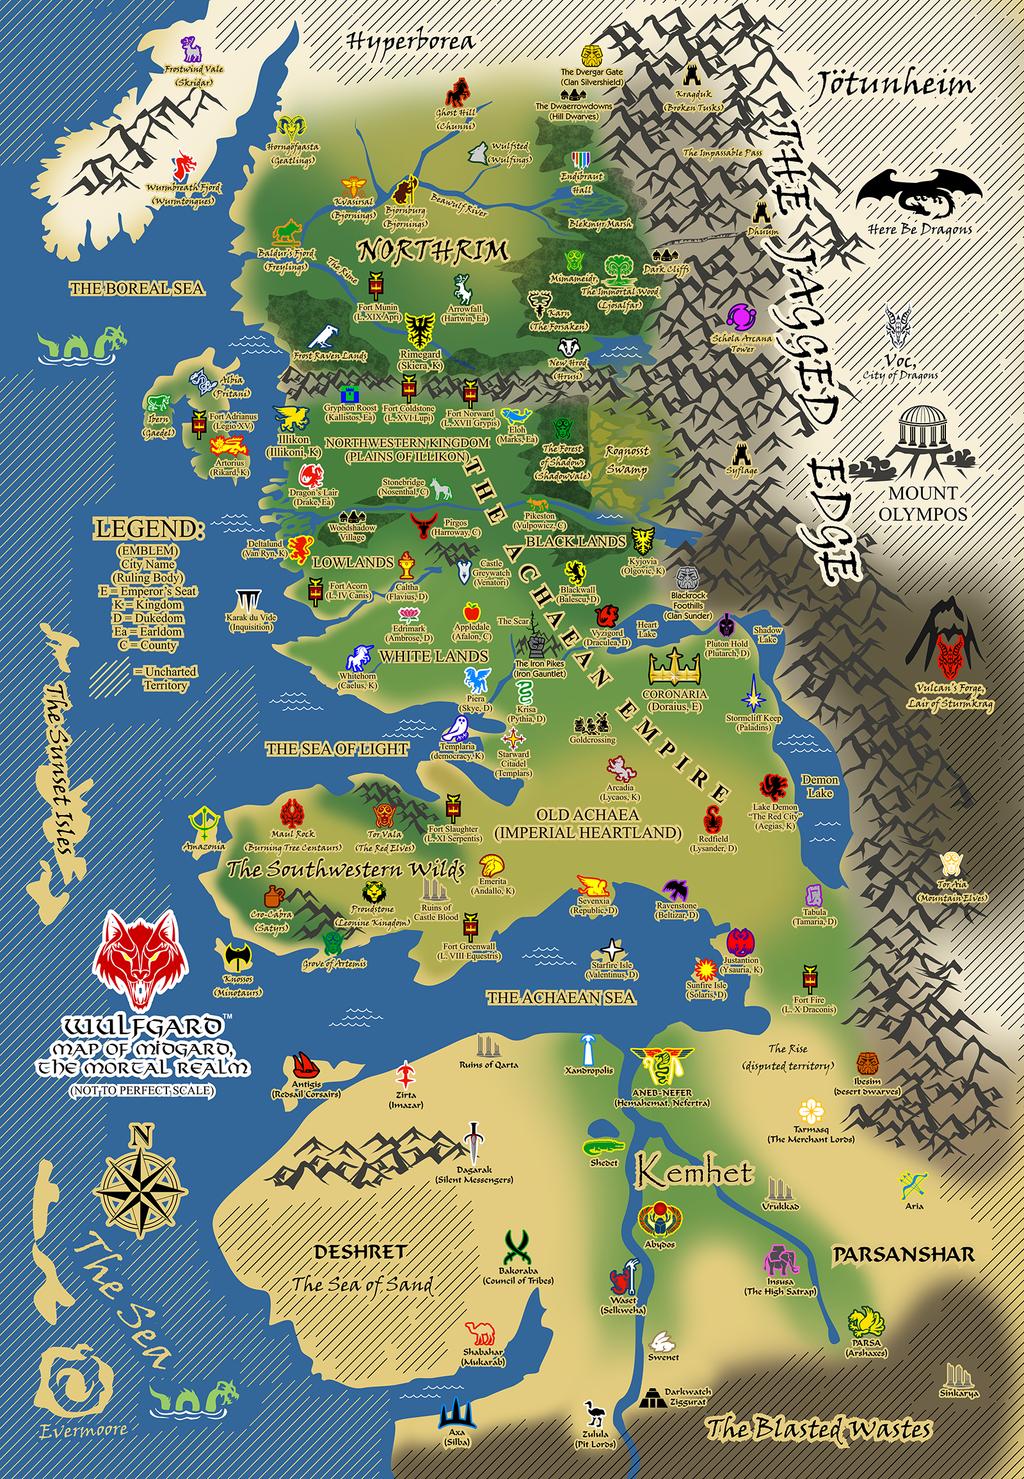 Wulfgard World Map by Saber-Scorpion